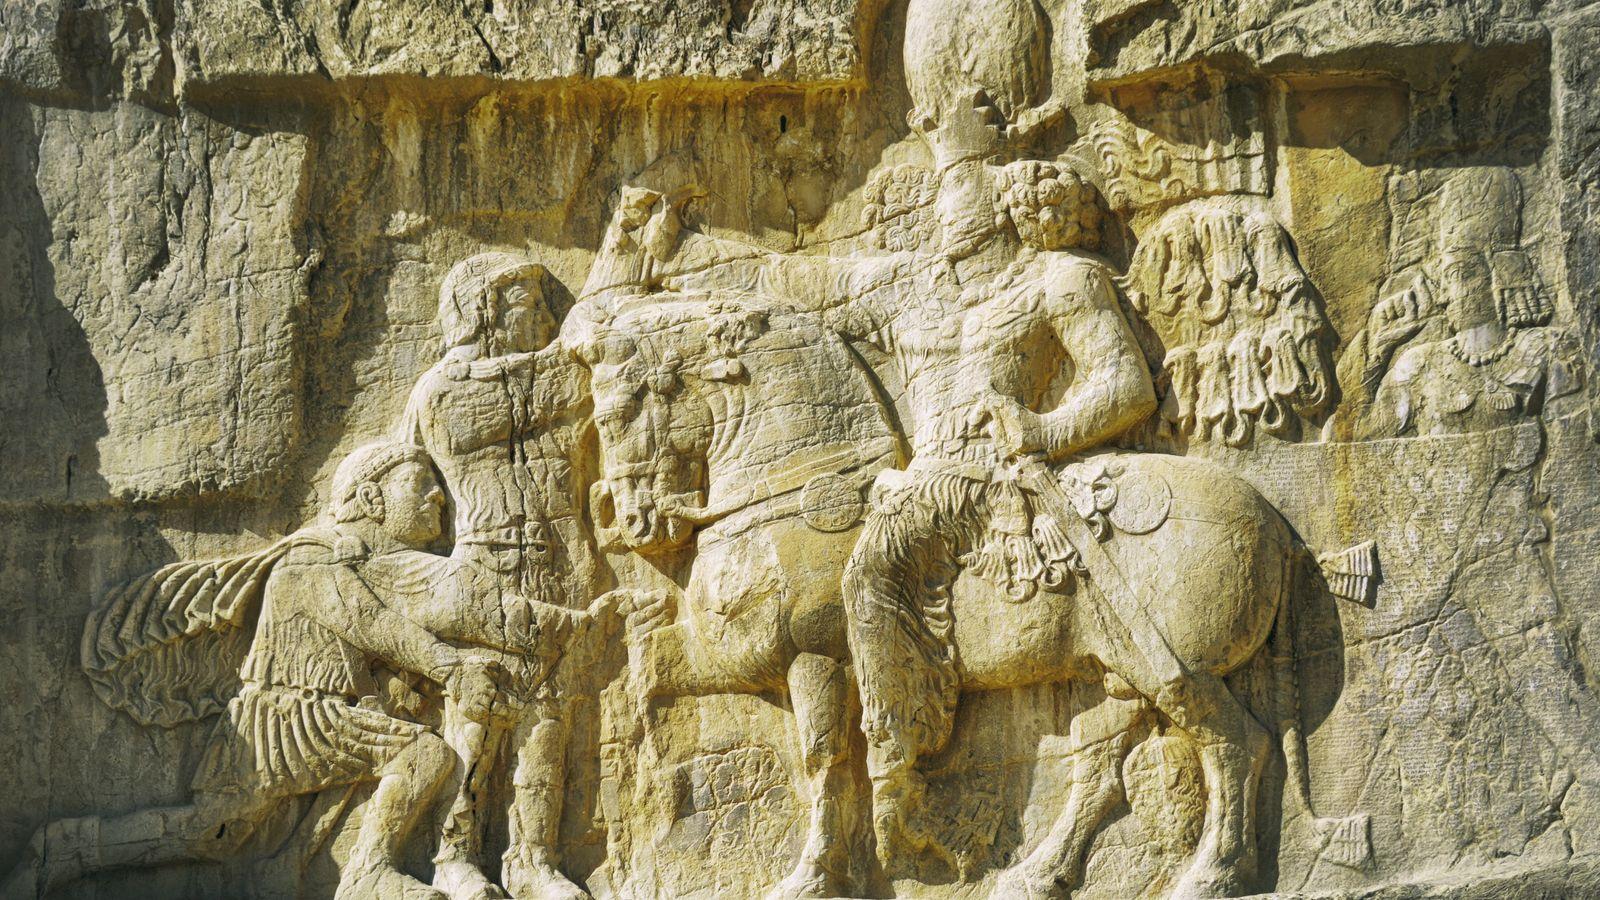 Située à 12 km de Persépolis, la nécropole de Naqsh-i Roustem abrite les tombes de quatre ...